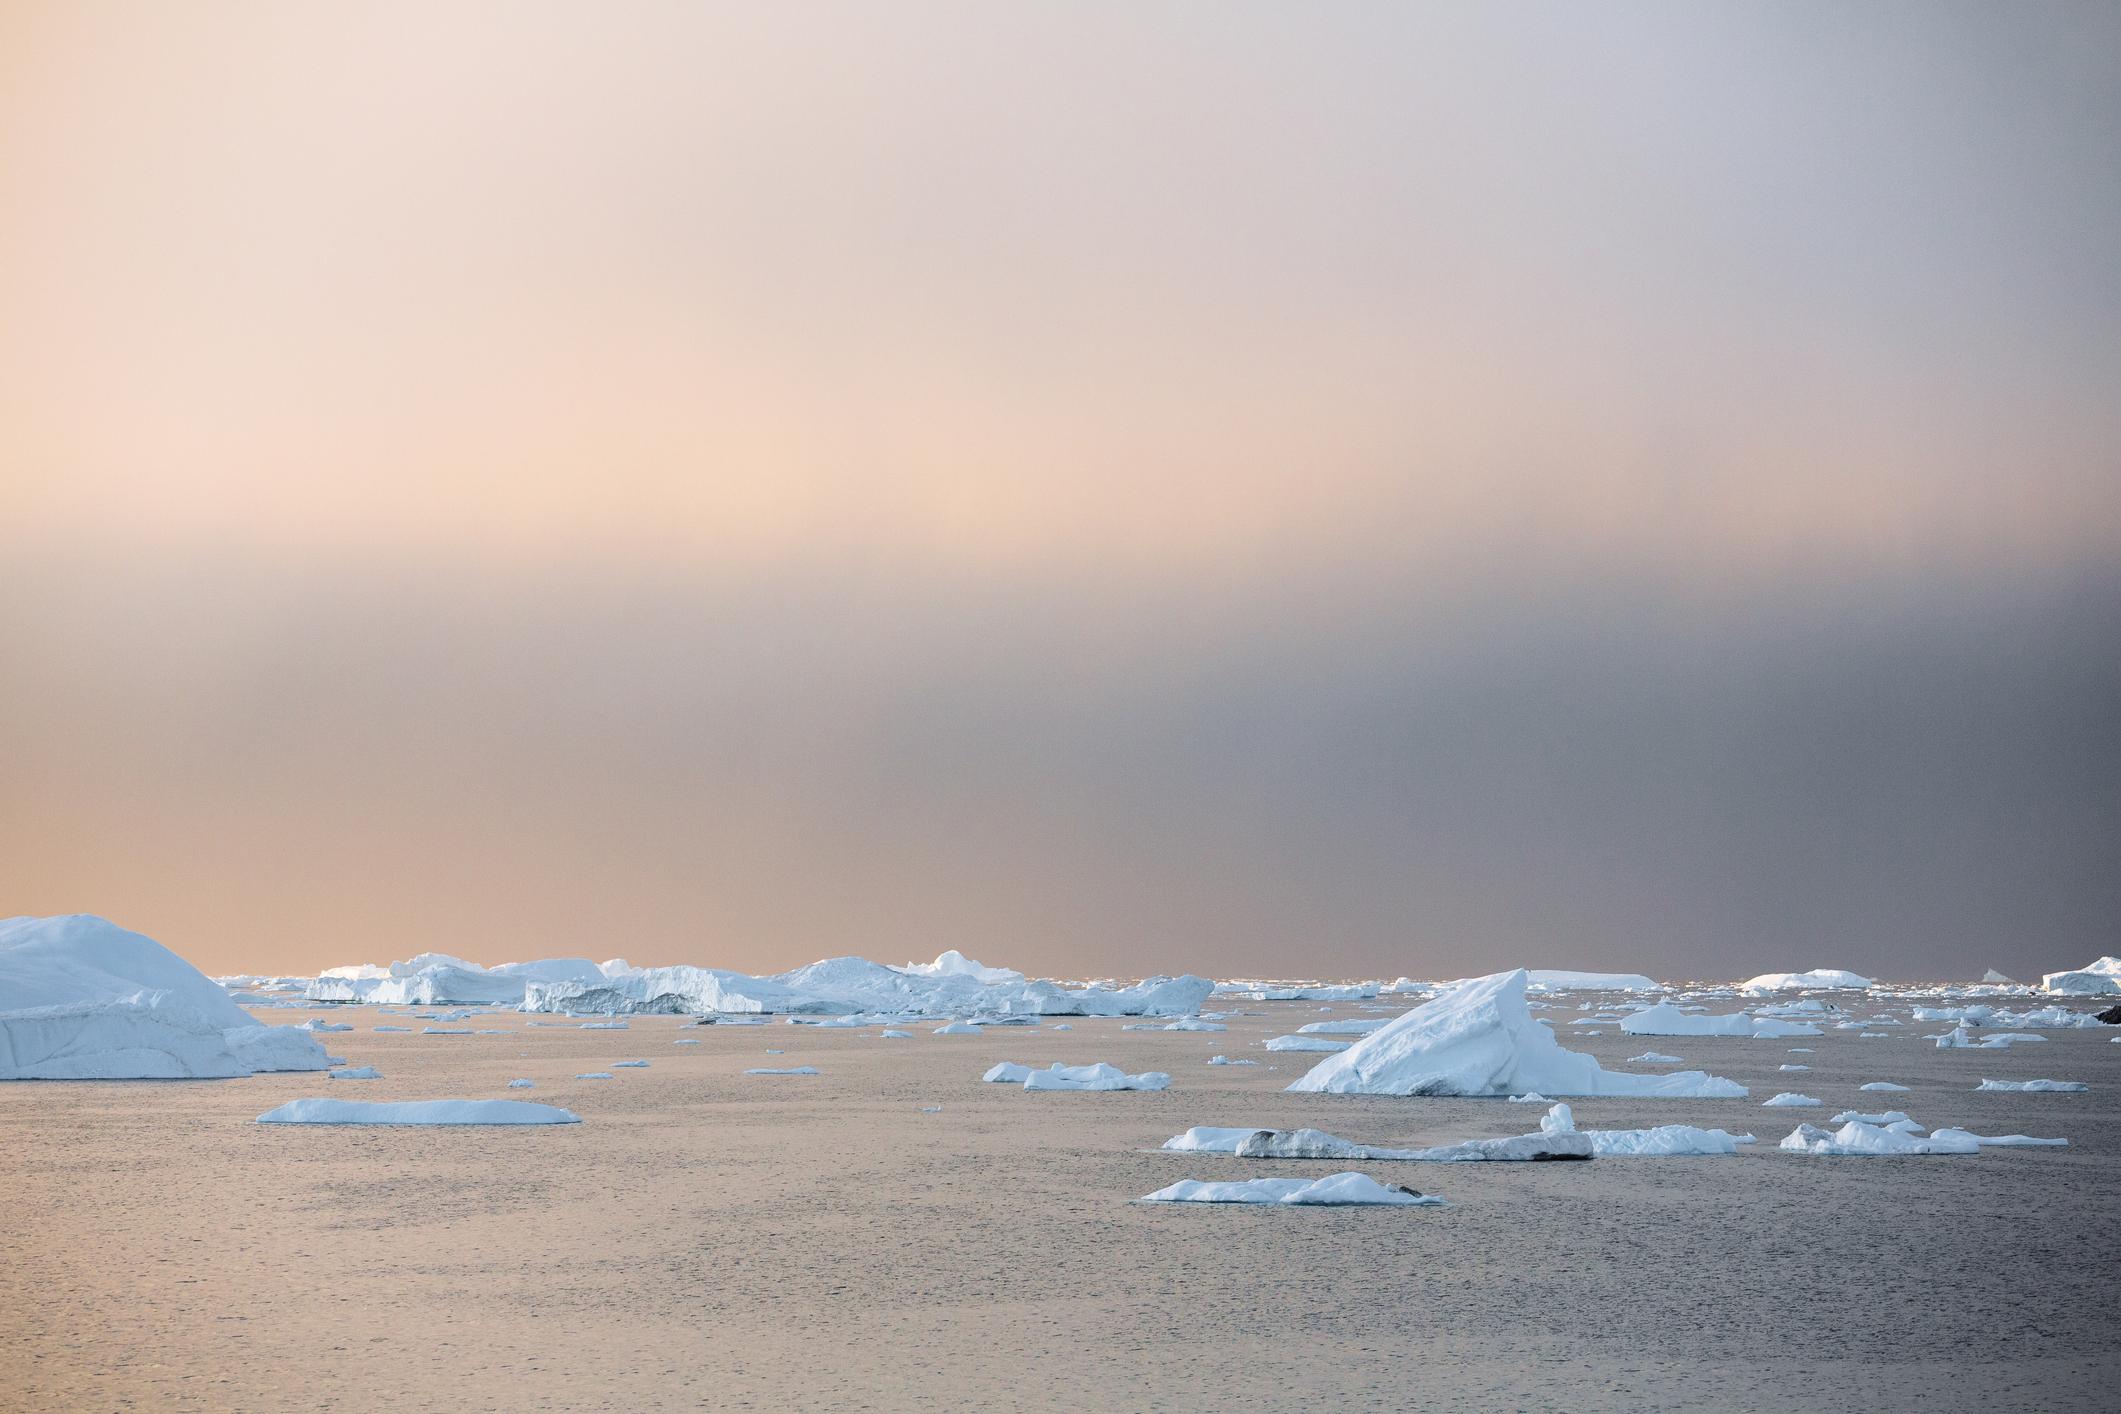 Mer de glace en Arctique : mais où est passée la banquise ? - Ça m'intéresse